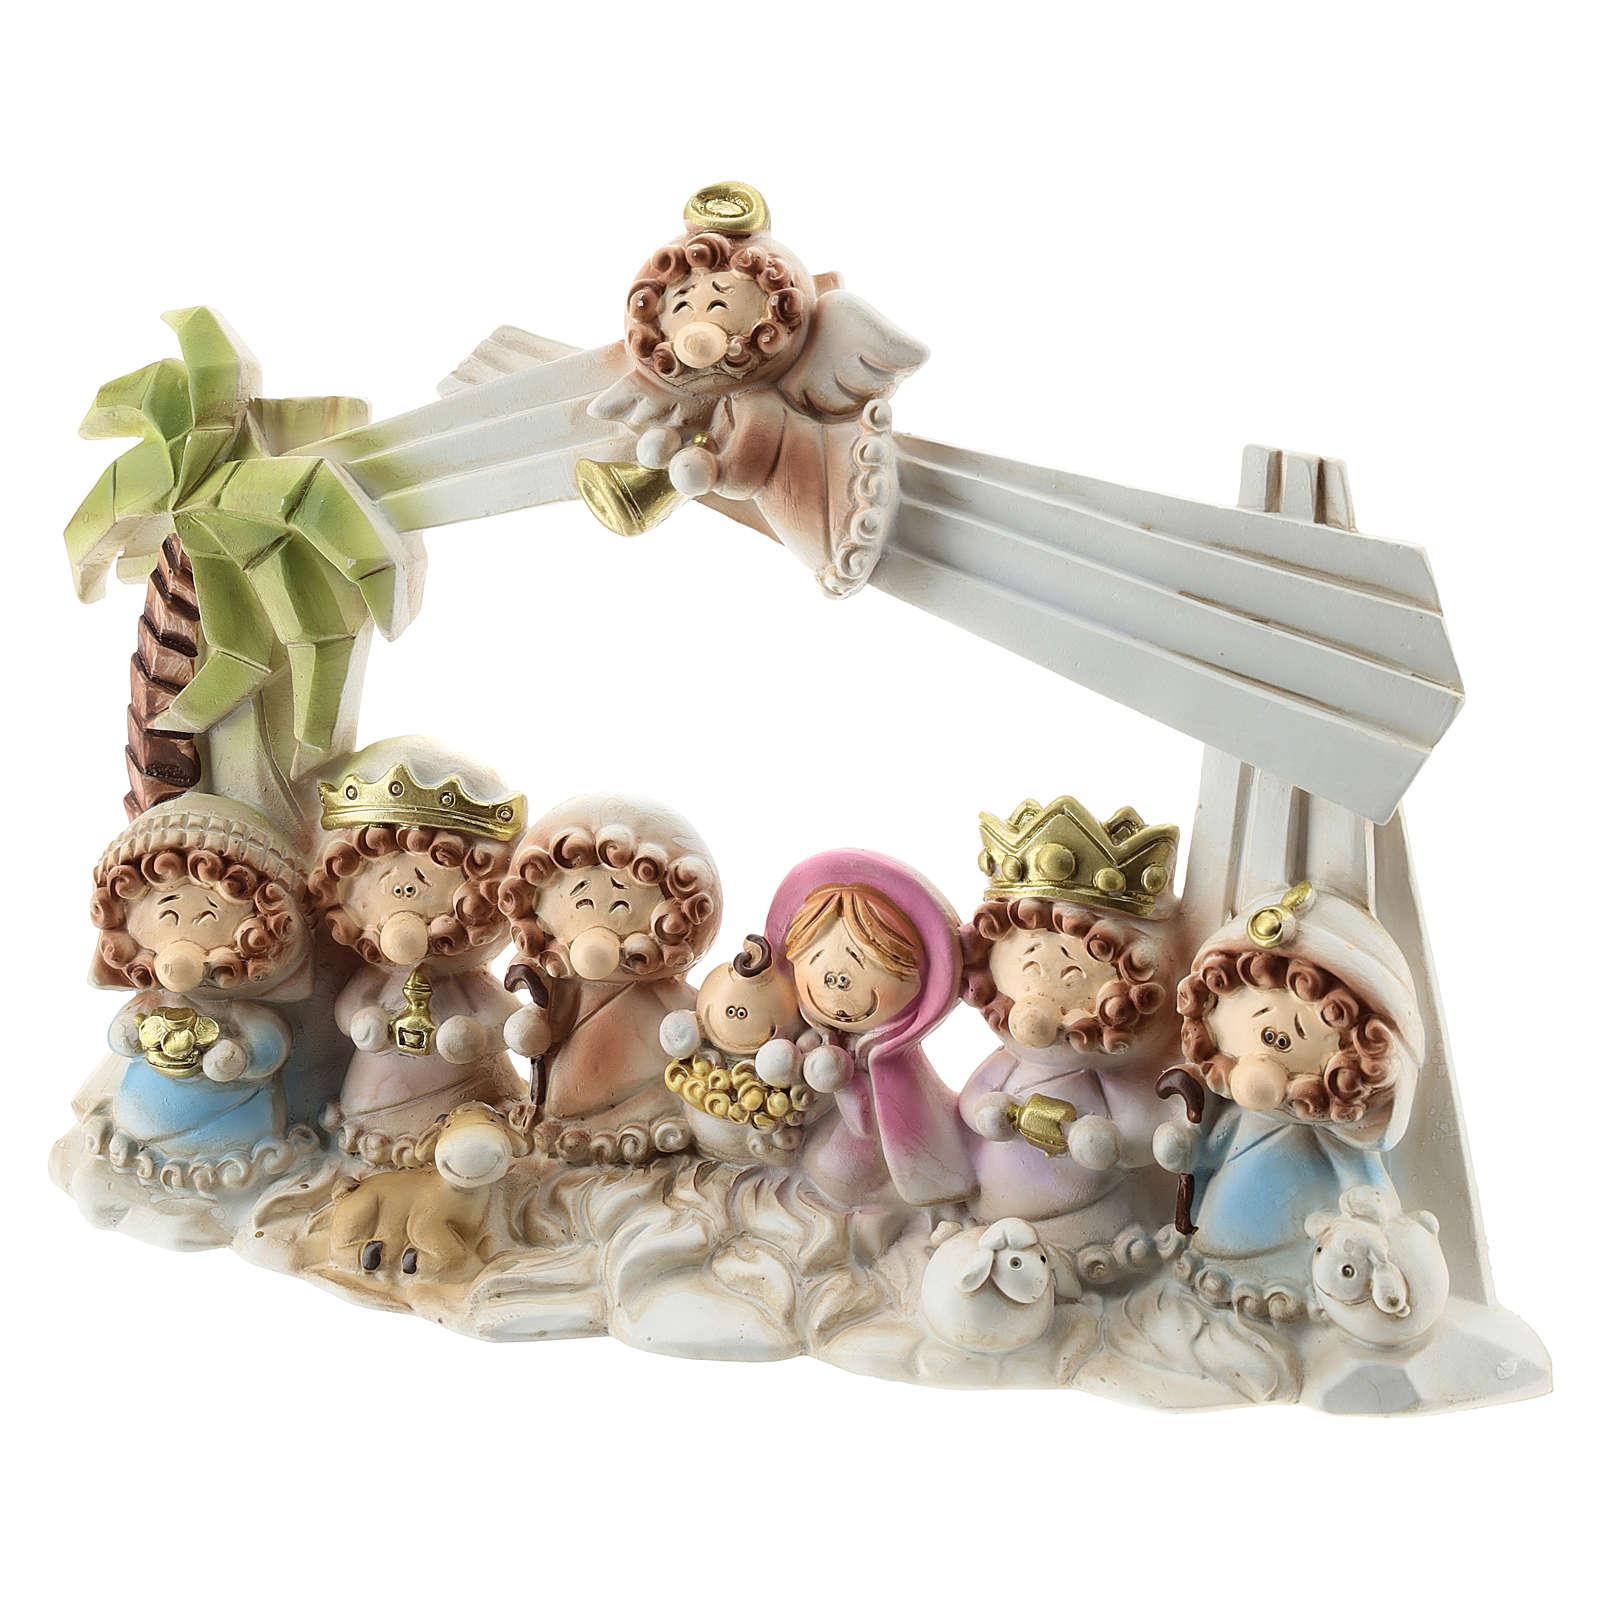 Cabane crèche résine 10 santons 20x15 cm gamme enfants 4